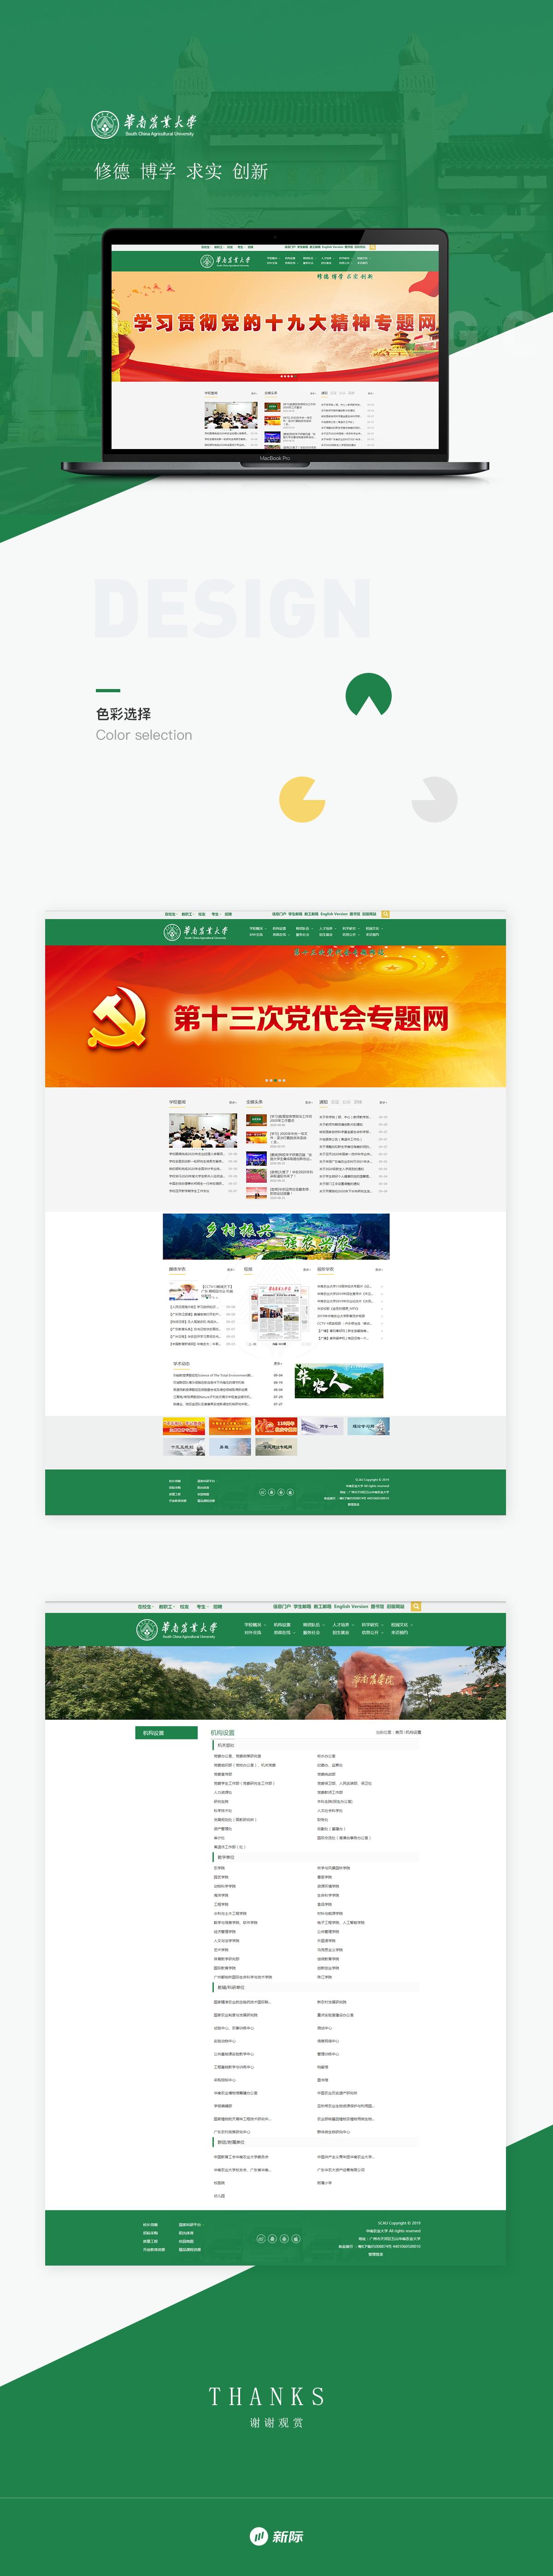 华南农业大学主站详情图.JPG